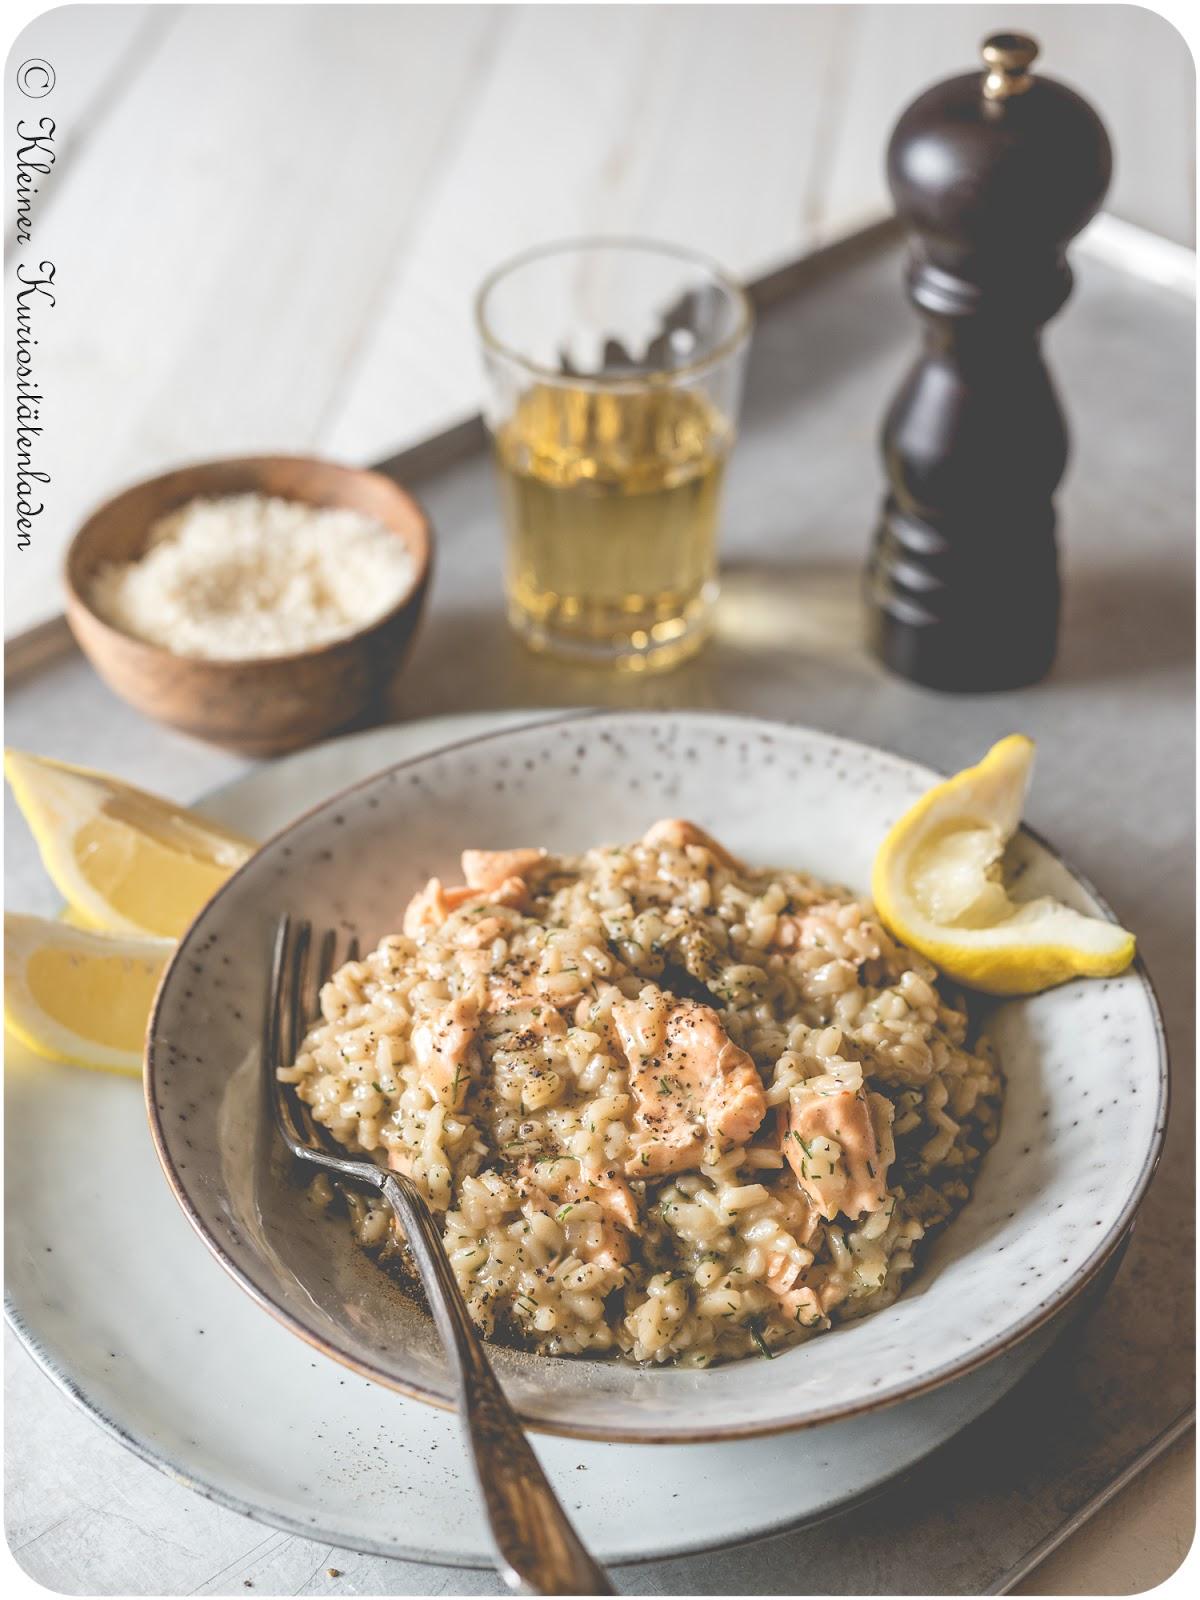 Risotto mit Lachs aus dem Schnellkochtopf